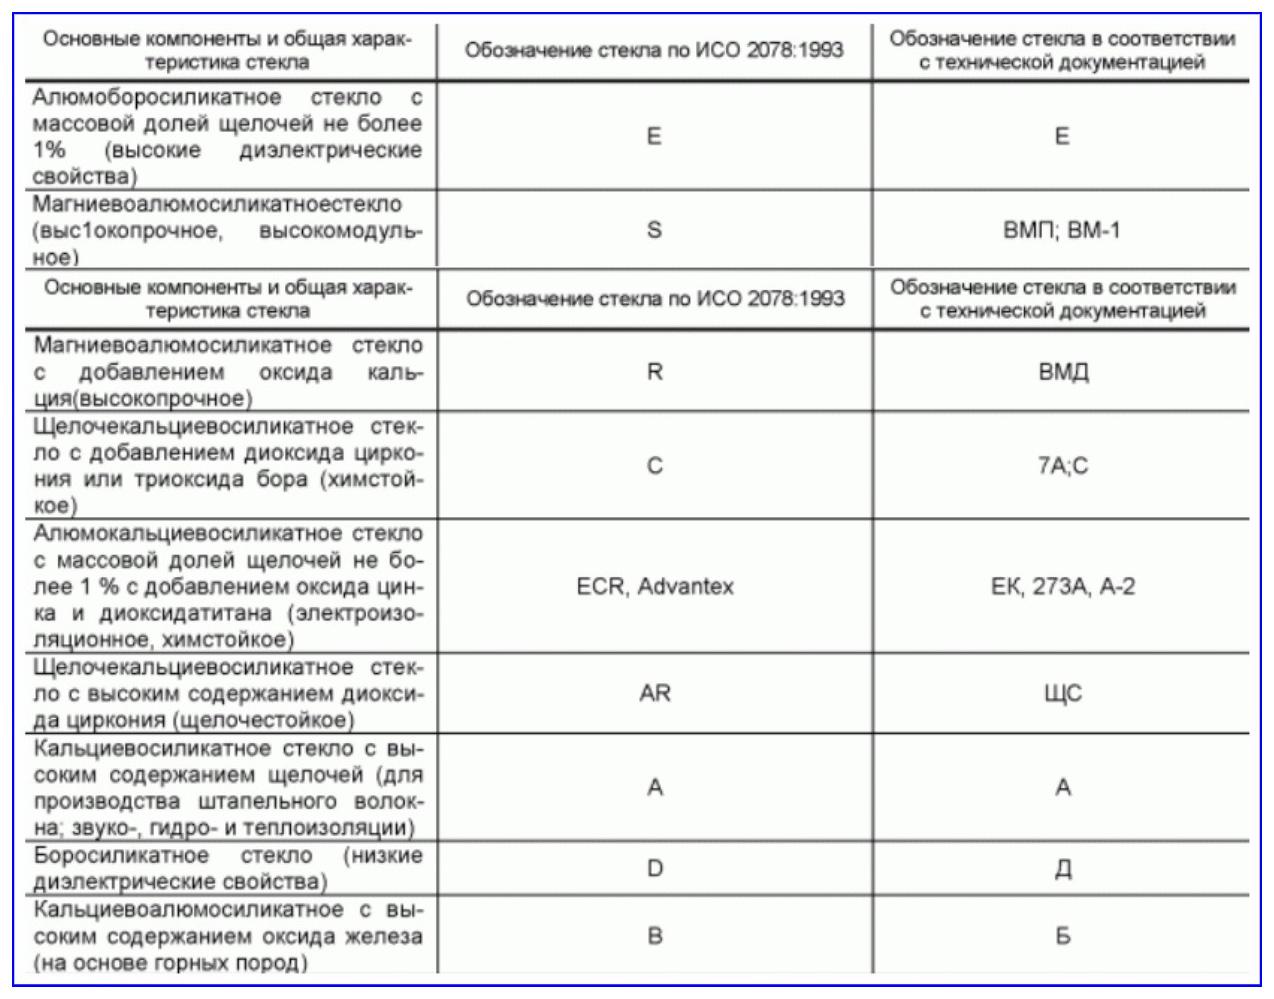 Материалы для стекловолоконного производства по ГОСТ 32650—2014